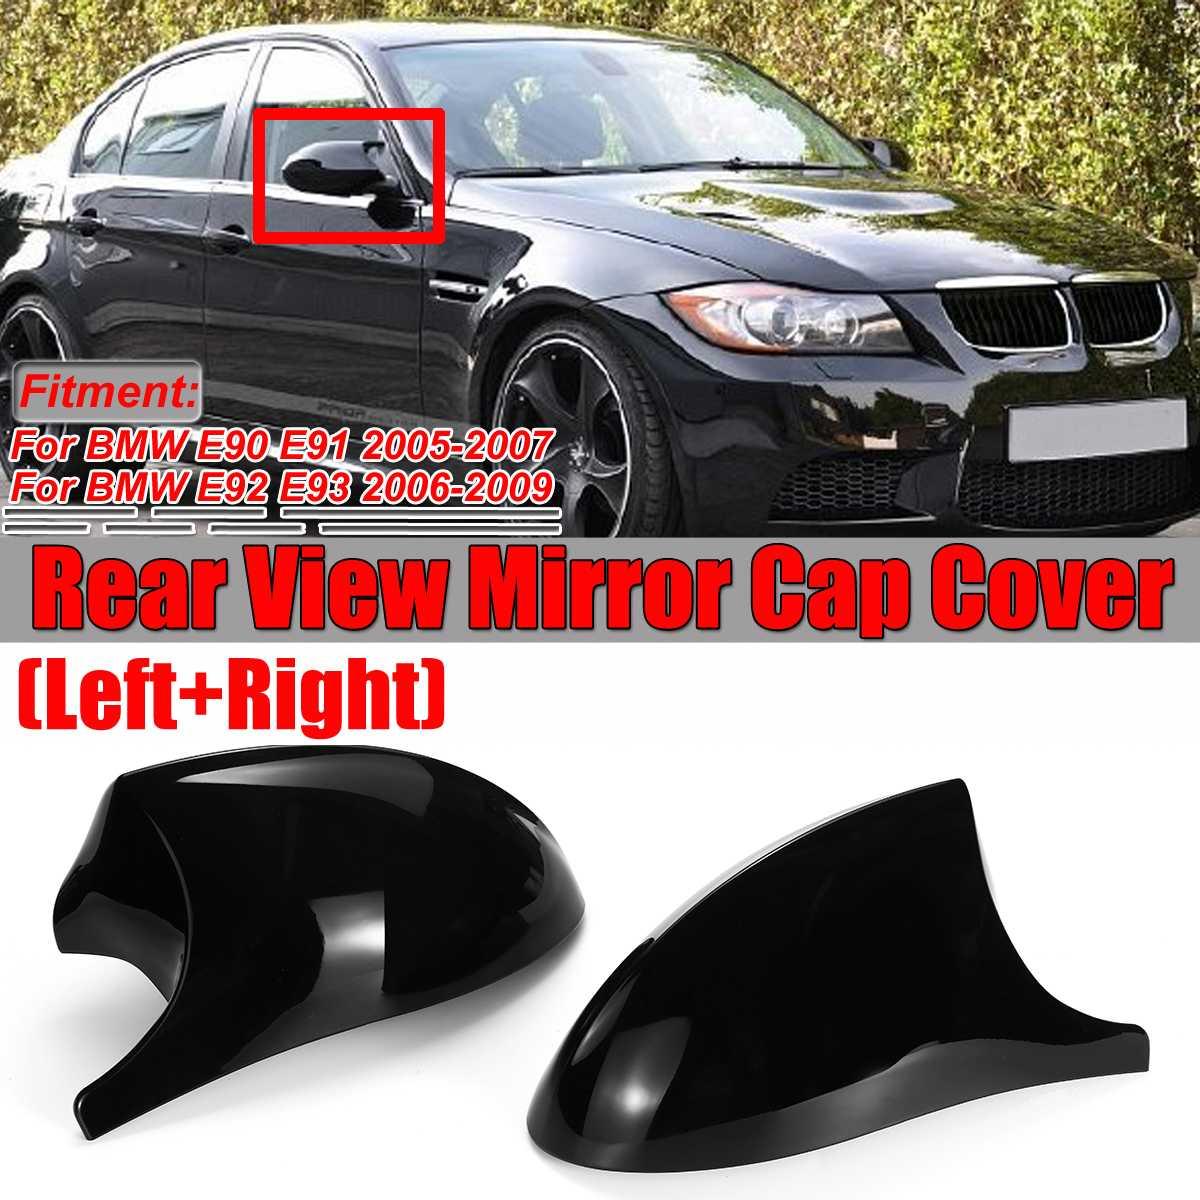 2x de fibra de carbono Real/ABS cubierta del espejo E90 del lado del coche cubierta de espejo retrovisor lateral tapa para BMW E90 E91 E92 E93 M3 estilo E80 E81 E87